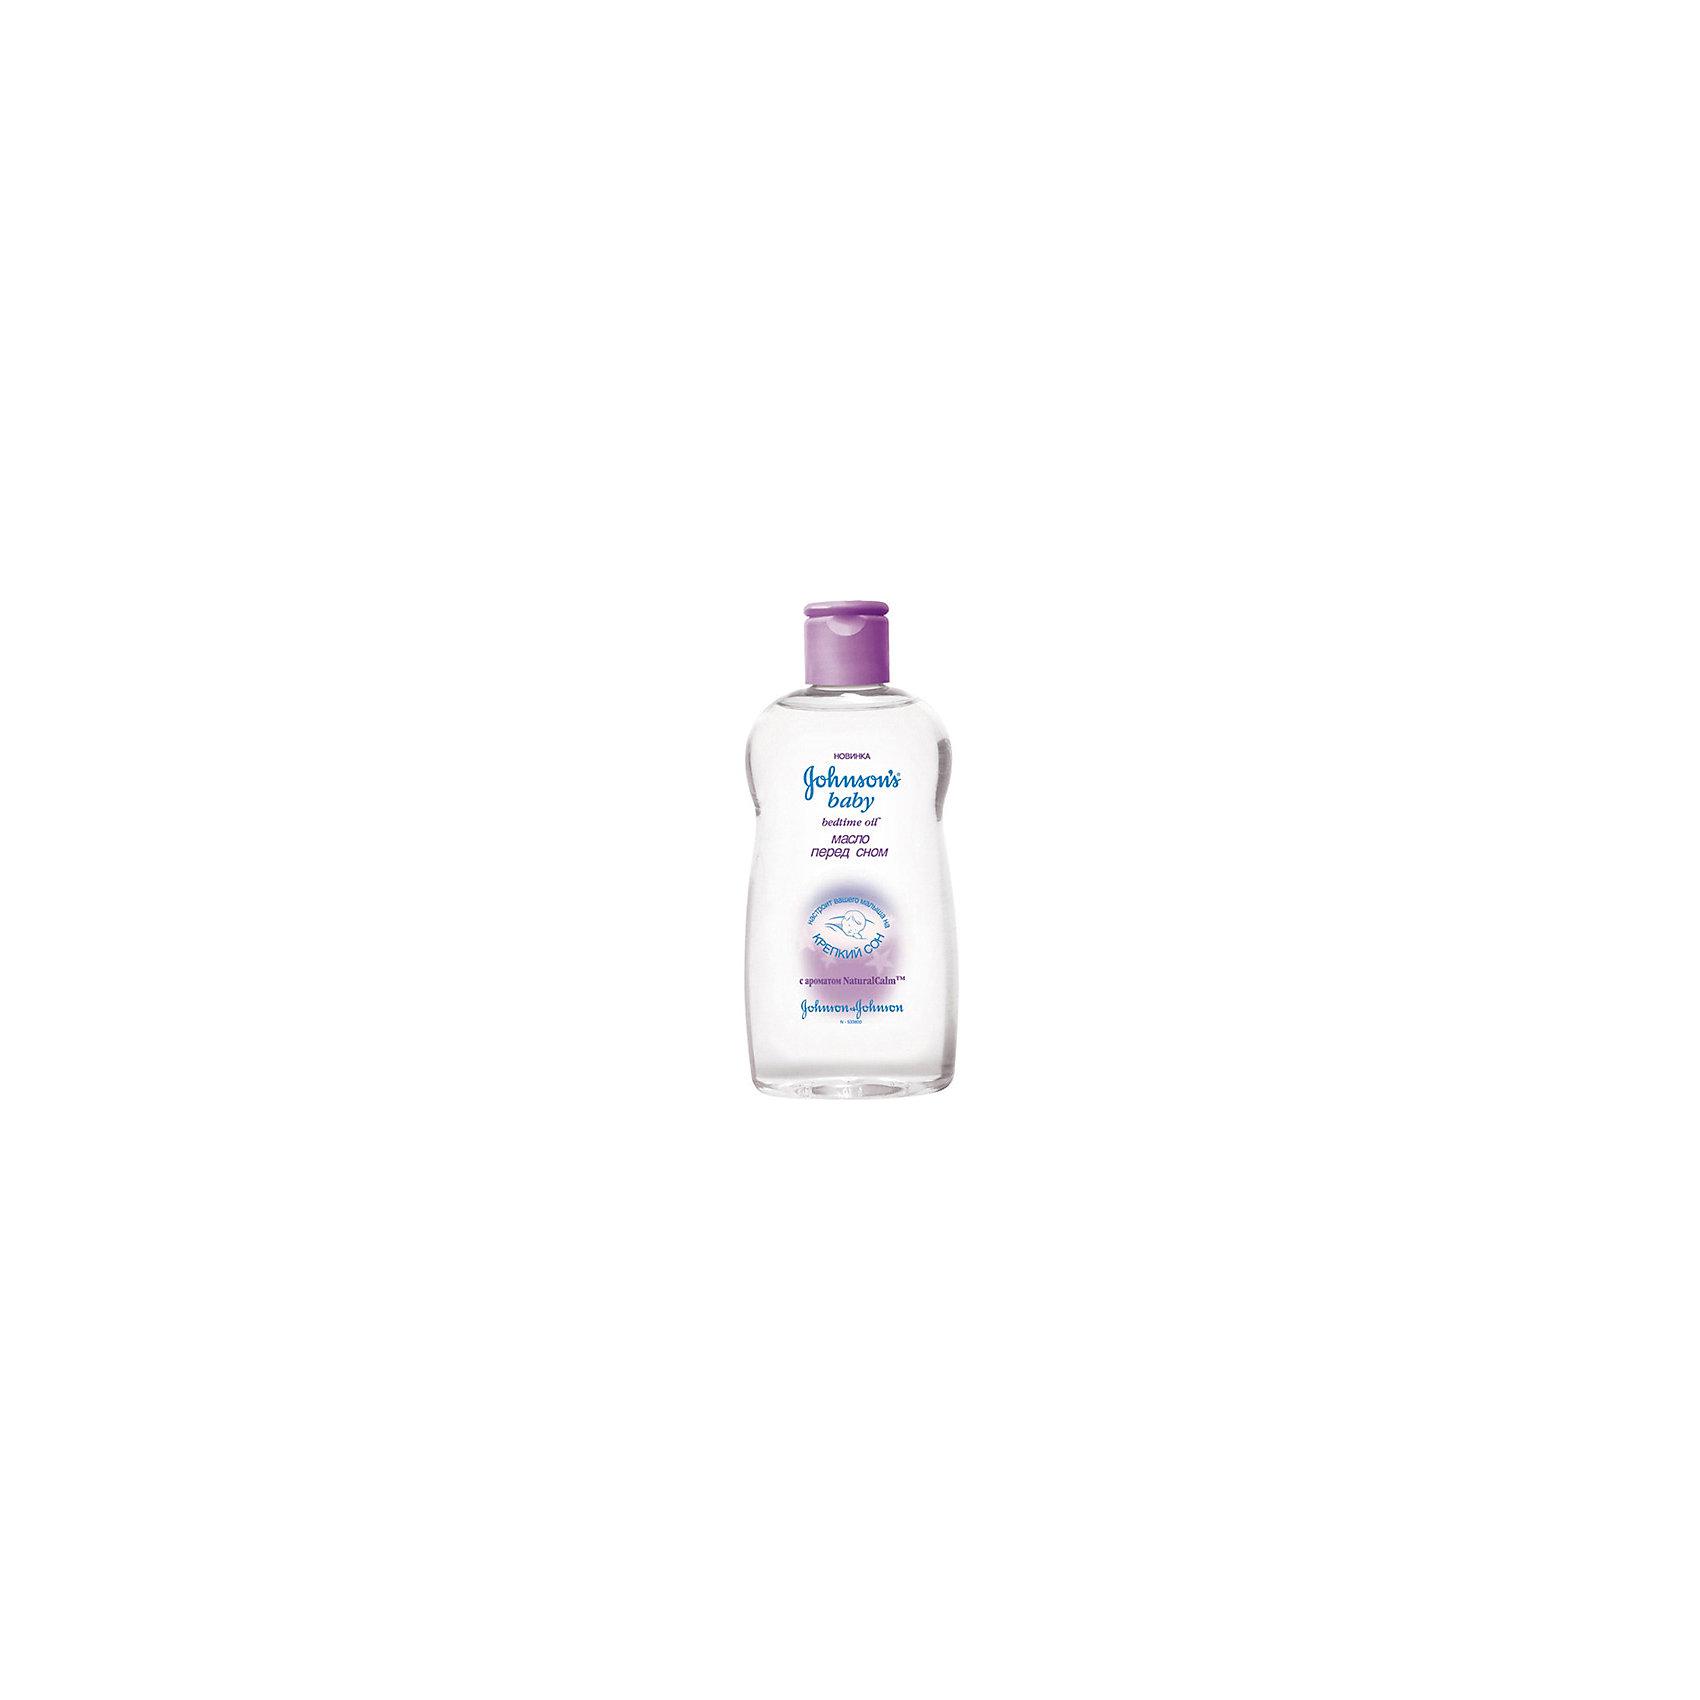 Масло Перед сном 200 мл., Johnson `s babyДетское масло Перед сном Johnsonsc успокаивающим ароматом лаванды поможет настроить малыша на здоровый и крепкий сон во время вечернего массажа. Это 100% минеральное масло высокой степени очистки. Оно является прекрасным увлажняющим средством, способствует поддержанию водно-липидного баланса кожи и сохраняет в 10 раз больше влаги. Нежный аромат масла оказывает успокаивающее действие на малыша. Клинические исследования доказали, что разработанная Johnsons baby система ухода перед сном поможет Вашему малышу быстрее успокоиться и лучше спать ночью. Искупайте малыша в теплой ванночке, используя пену для купания Johnsons baby Перед сном, а затем сделайте ему нежный массаж с маслом Перед сном.<br><br>Ширина мм: 34<br>Глубина мм: 68<br>Высота мм: 154<br>Вес г: 201<br>Возраст от месяцев: 0<br>Возраст до месяцев: 48<br>Пол: Унисекс<br>Возраст: Детский<br>SKU: 4124367